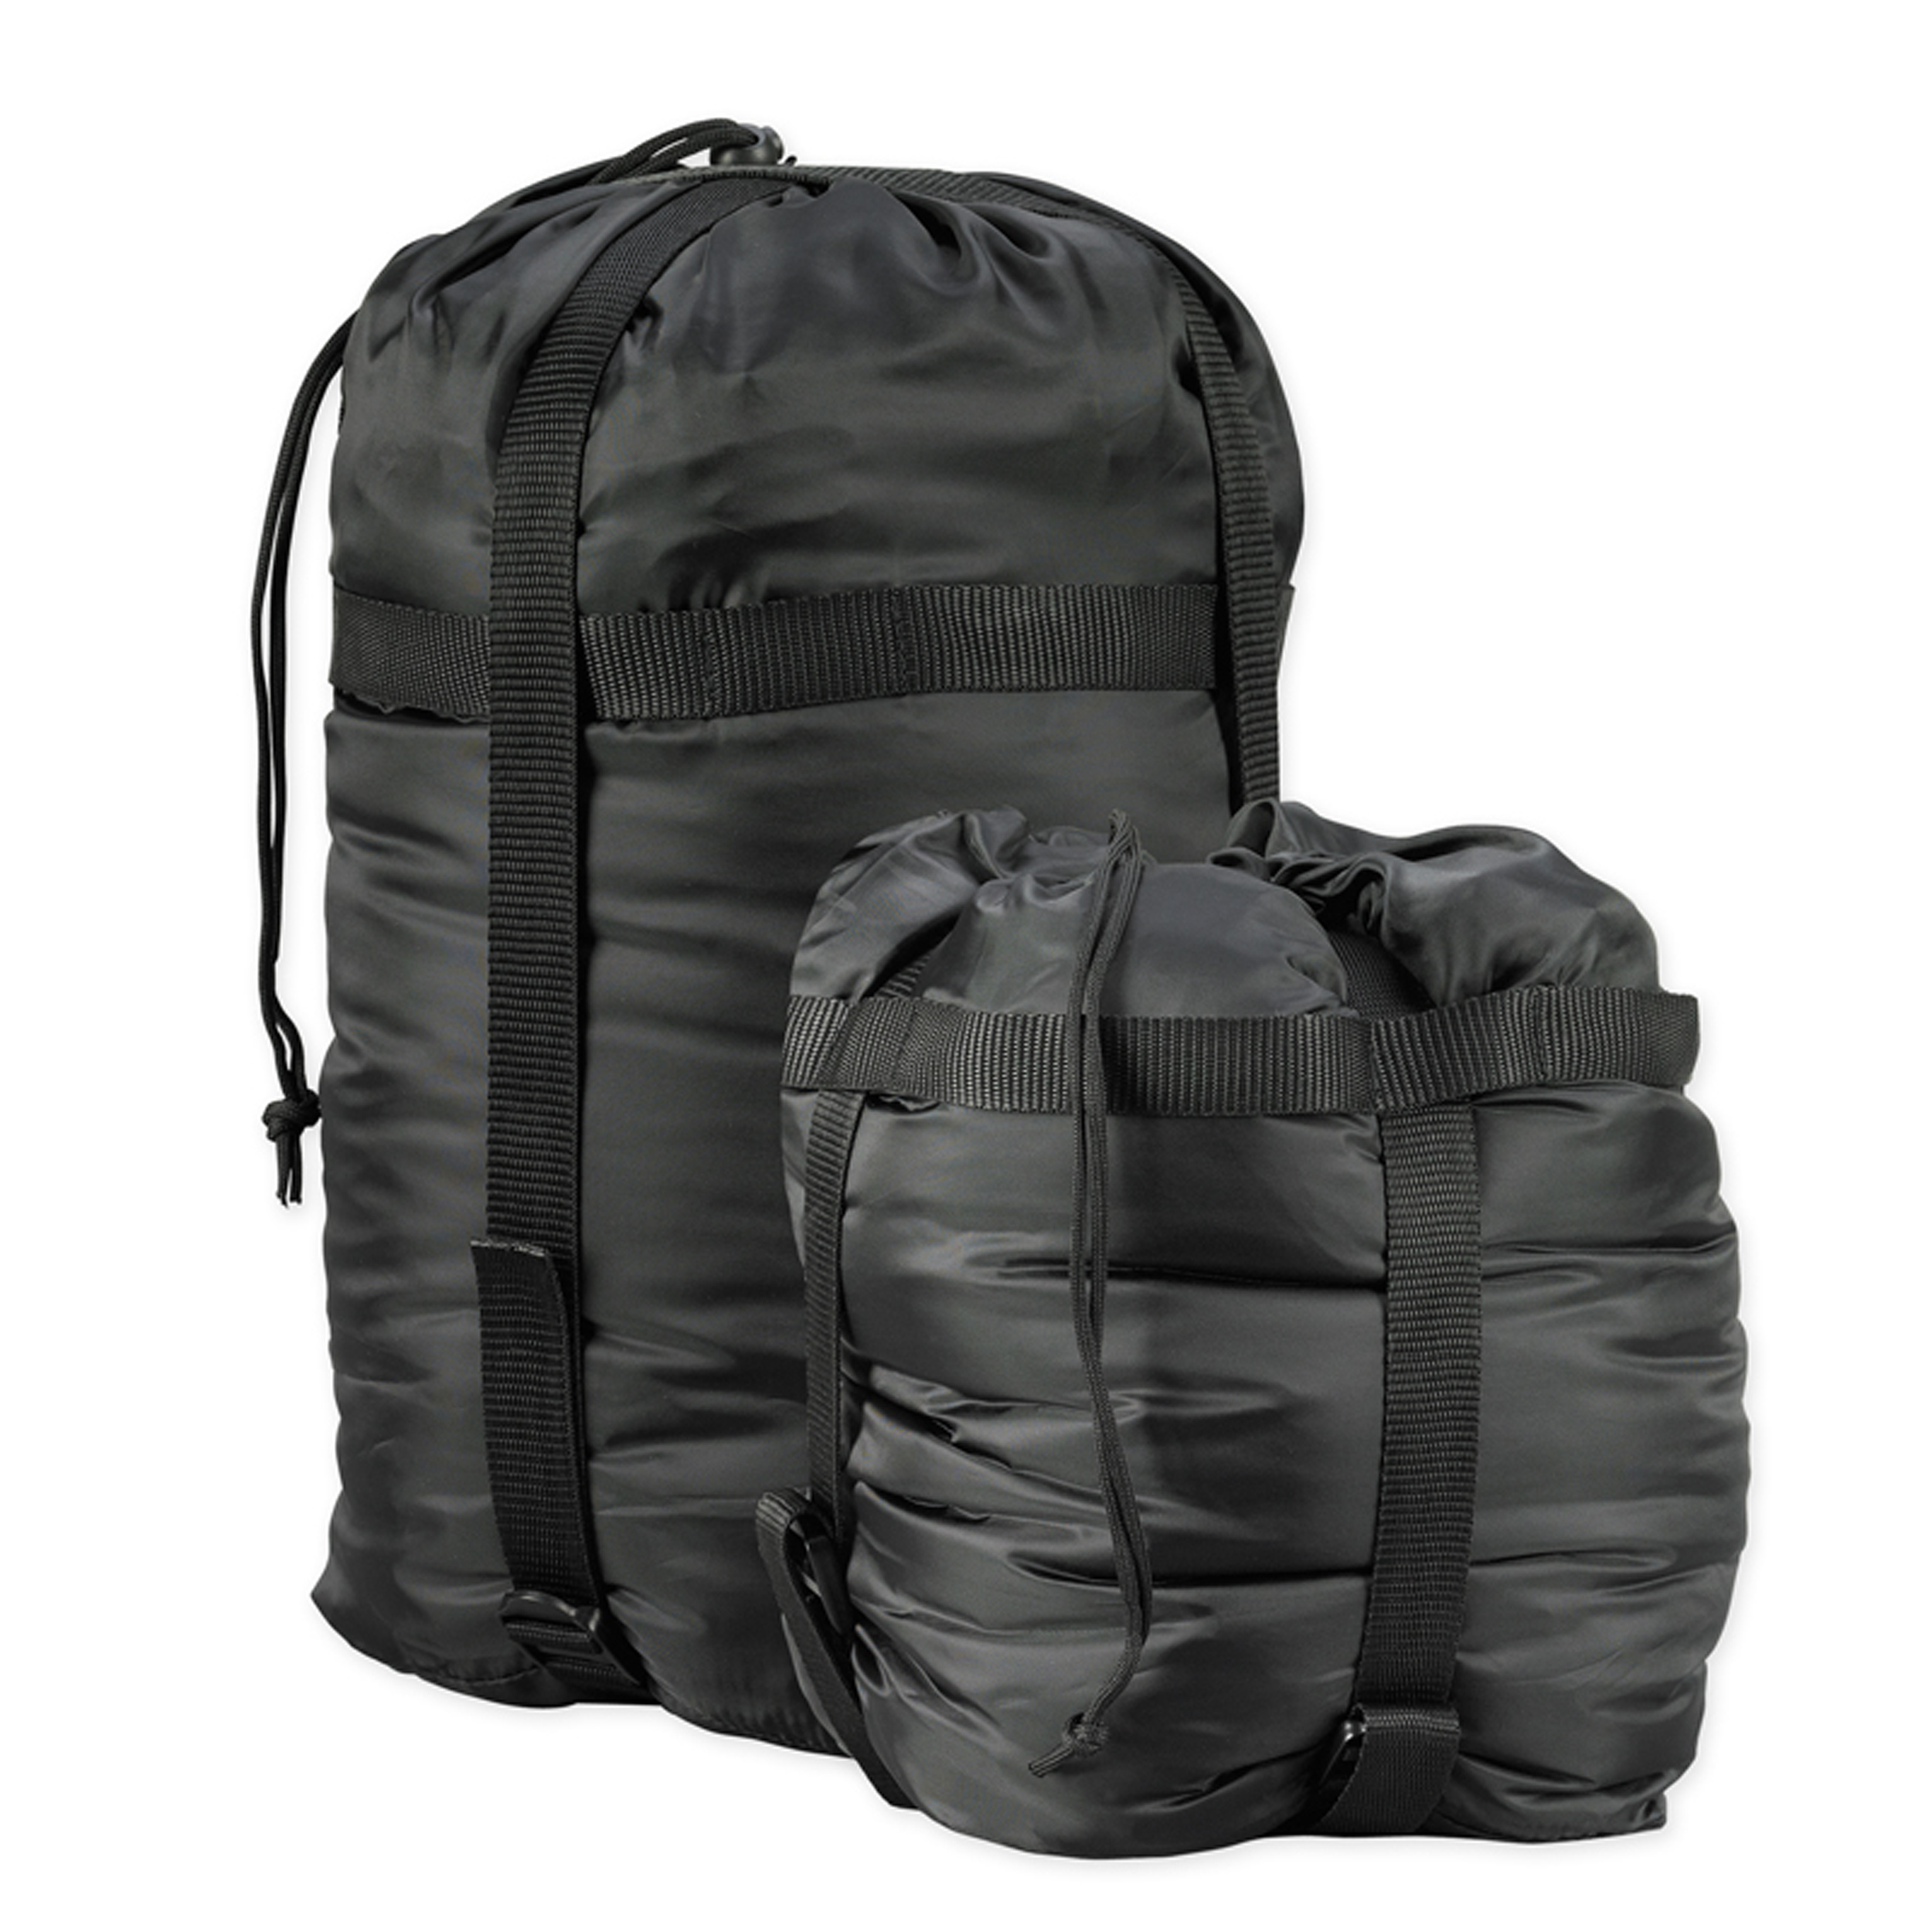 Snugpak Compression Stuff Sacks  Black  Large